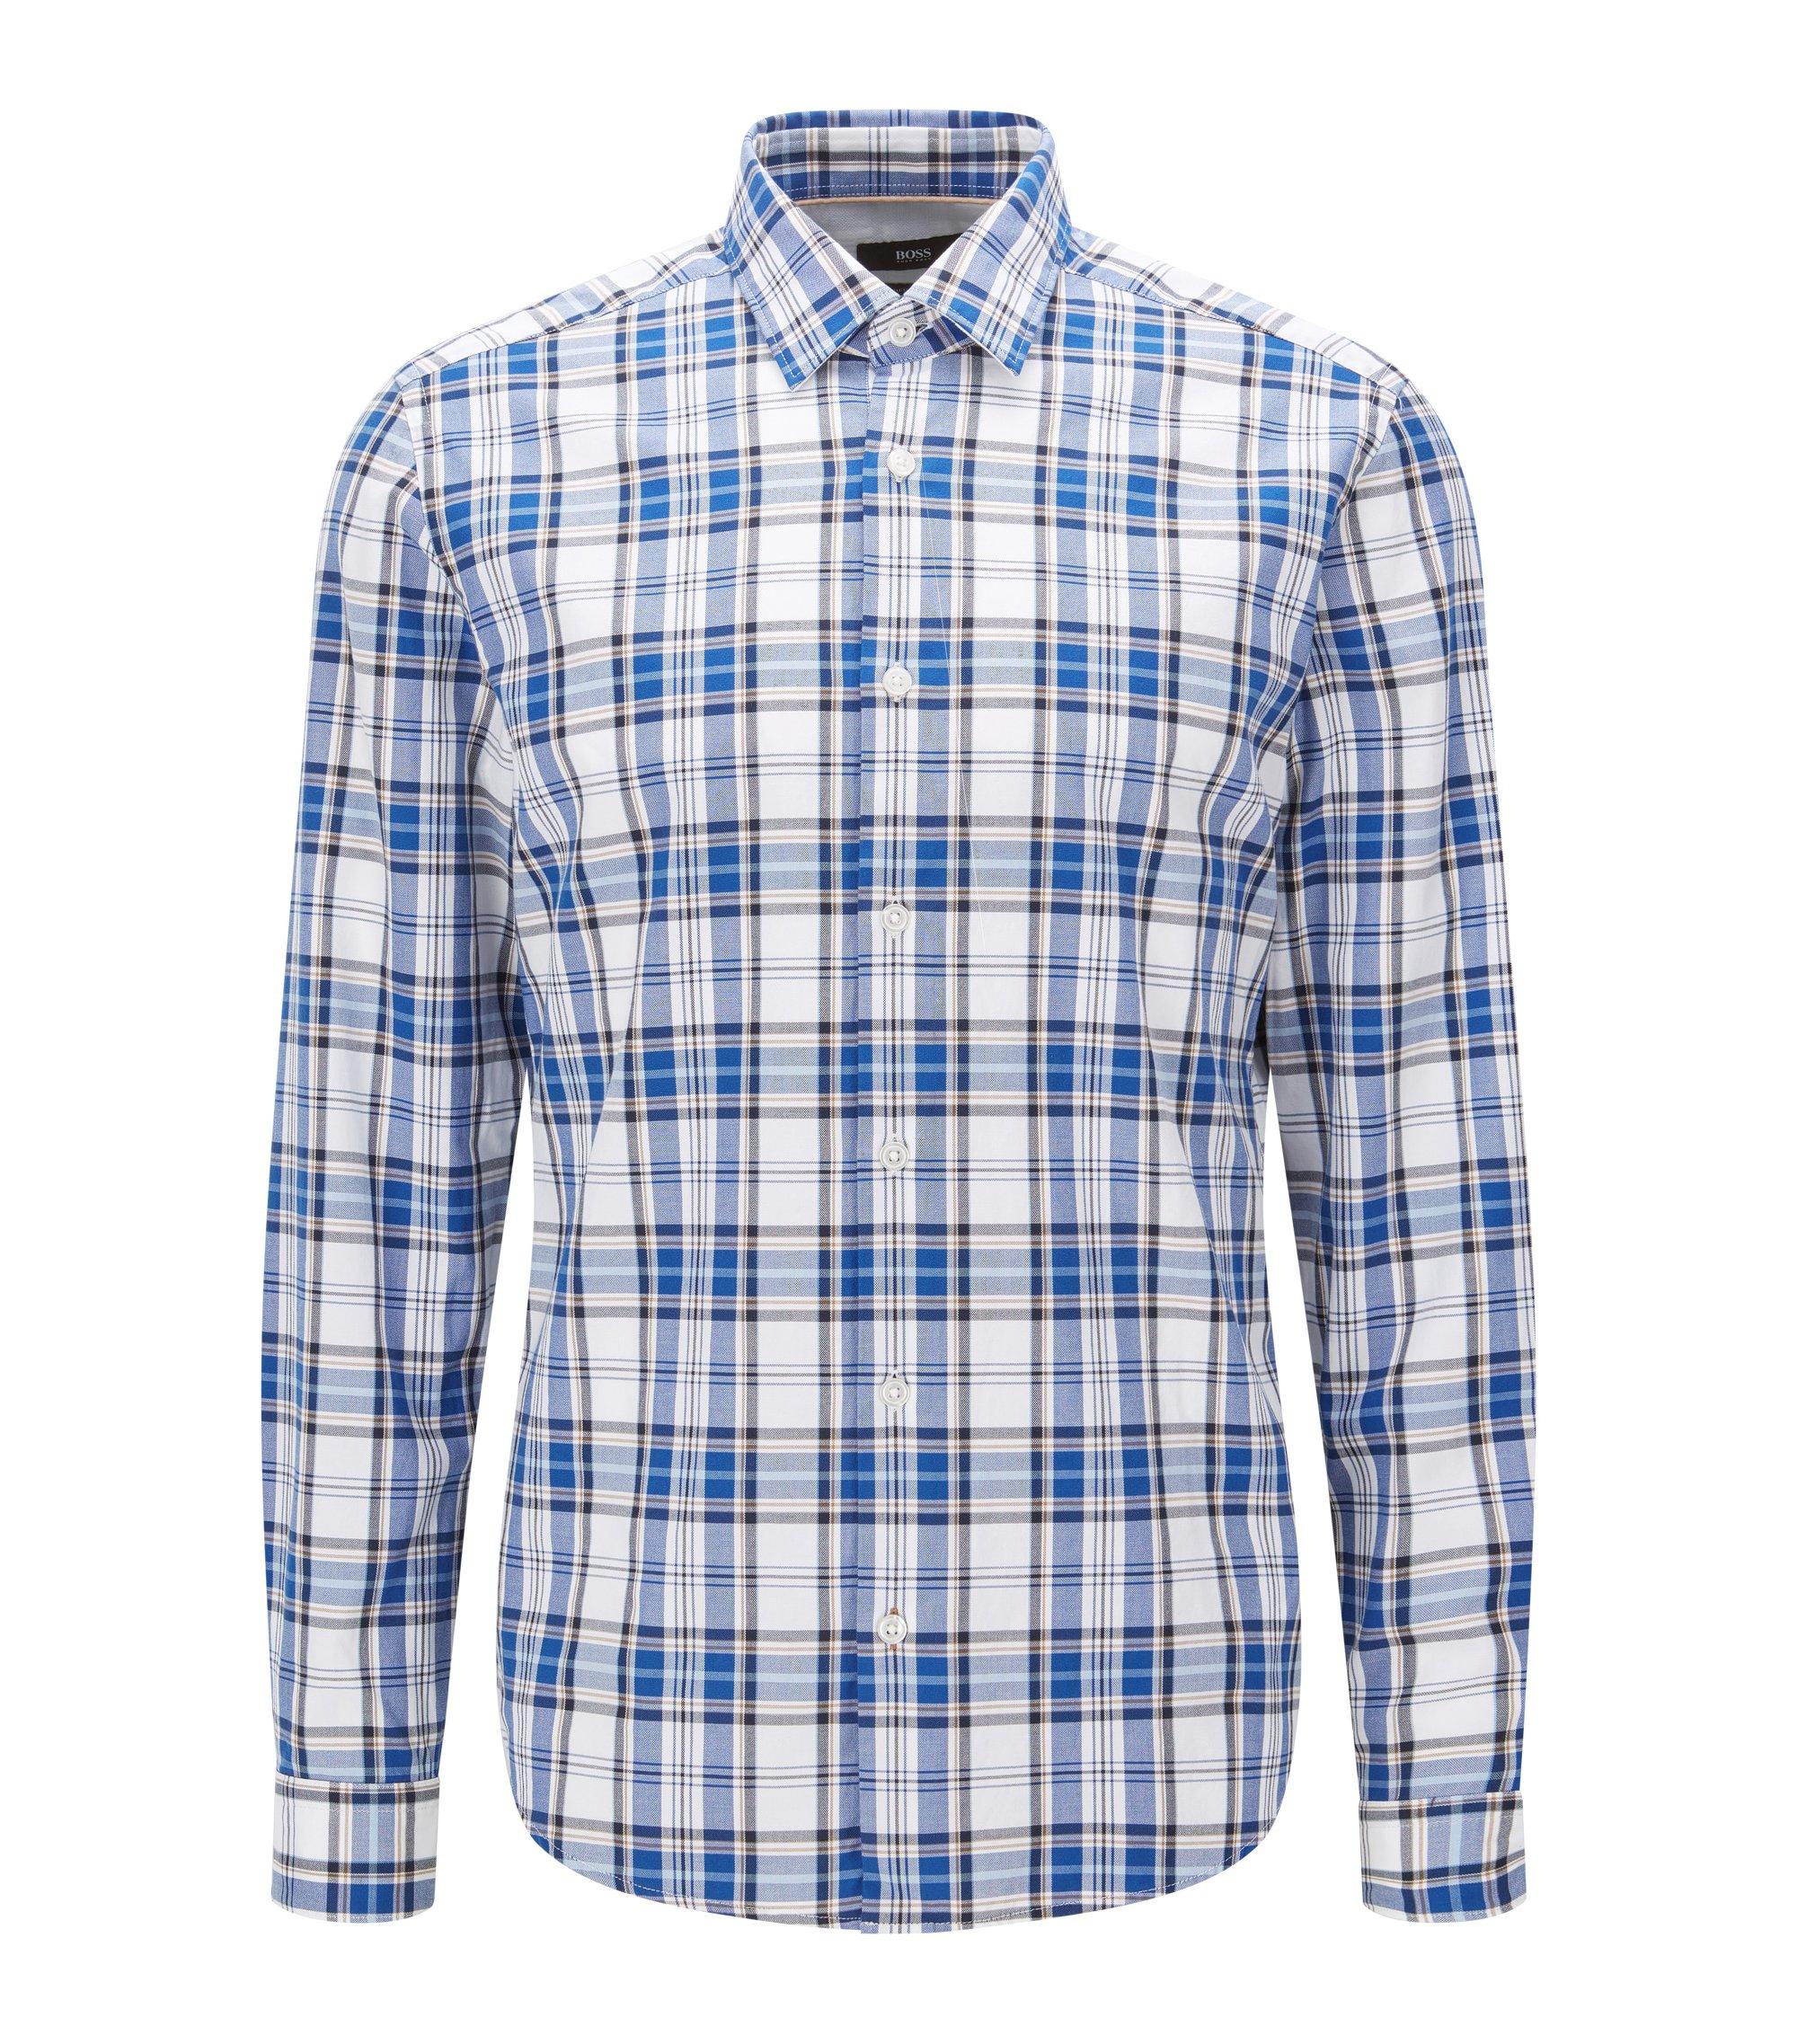 Chemise en coton Regular Fit à carreaux vichy, Bleu foncé